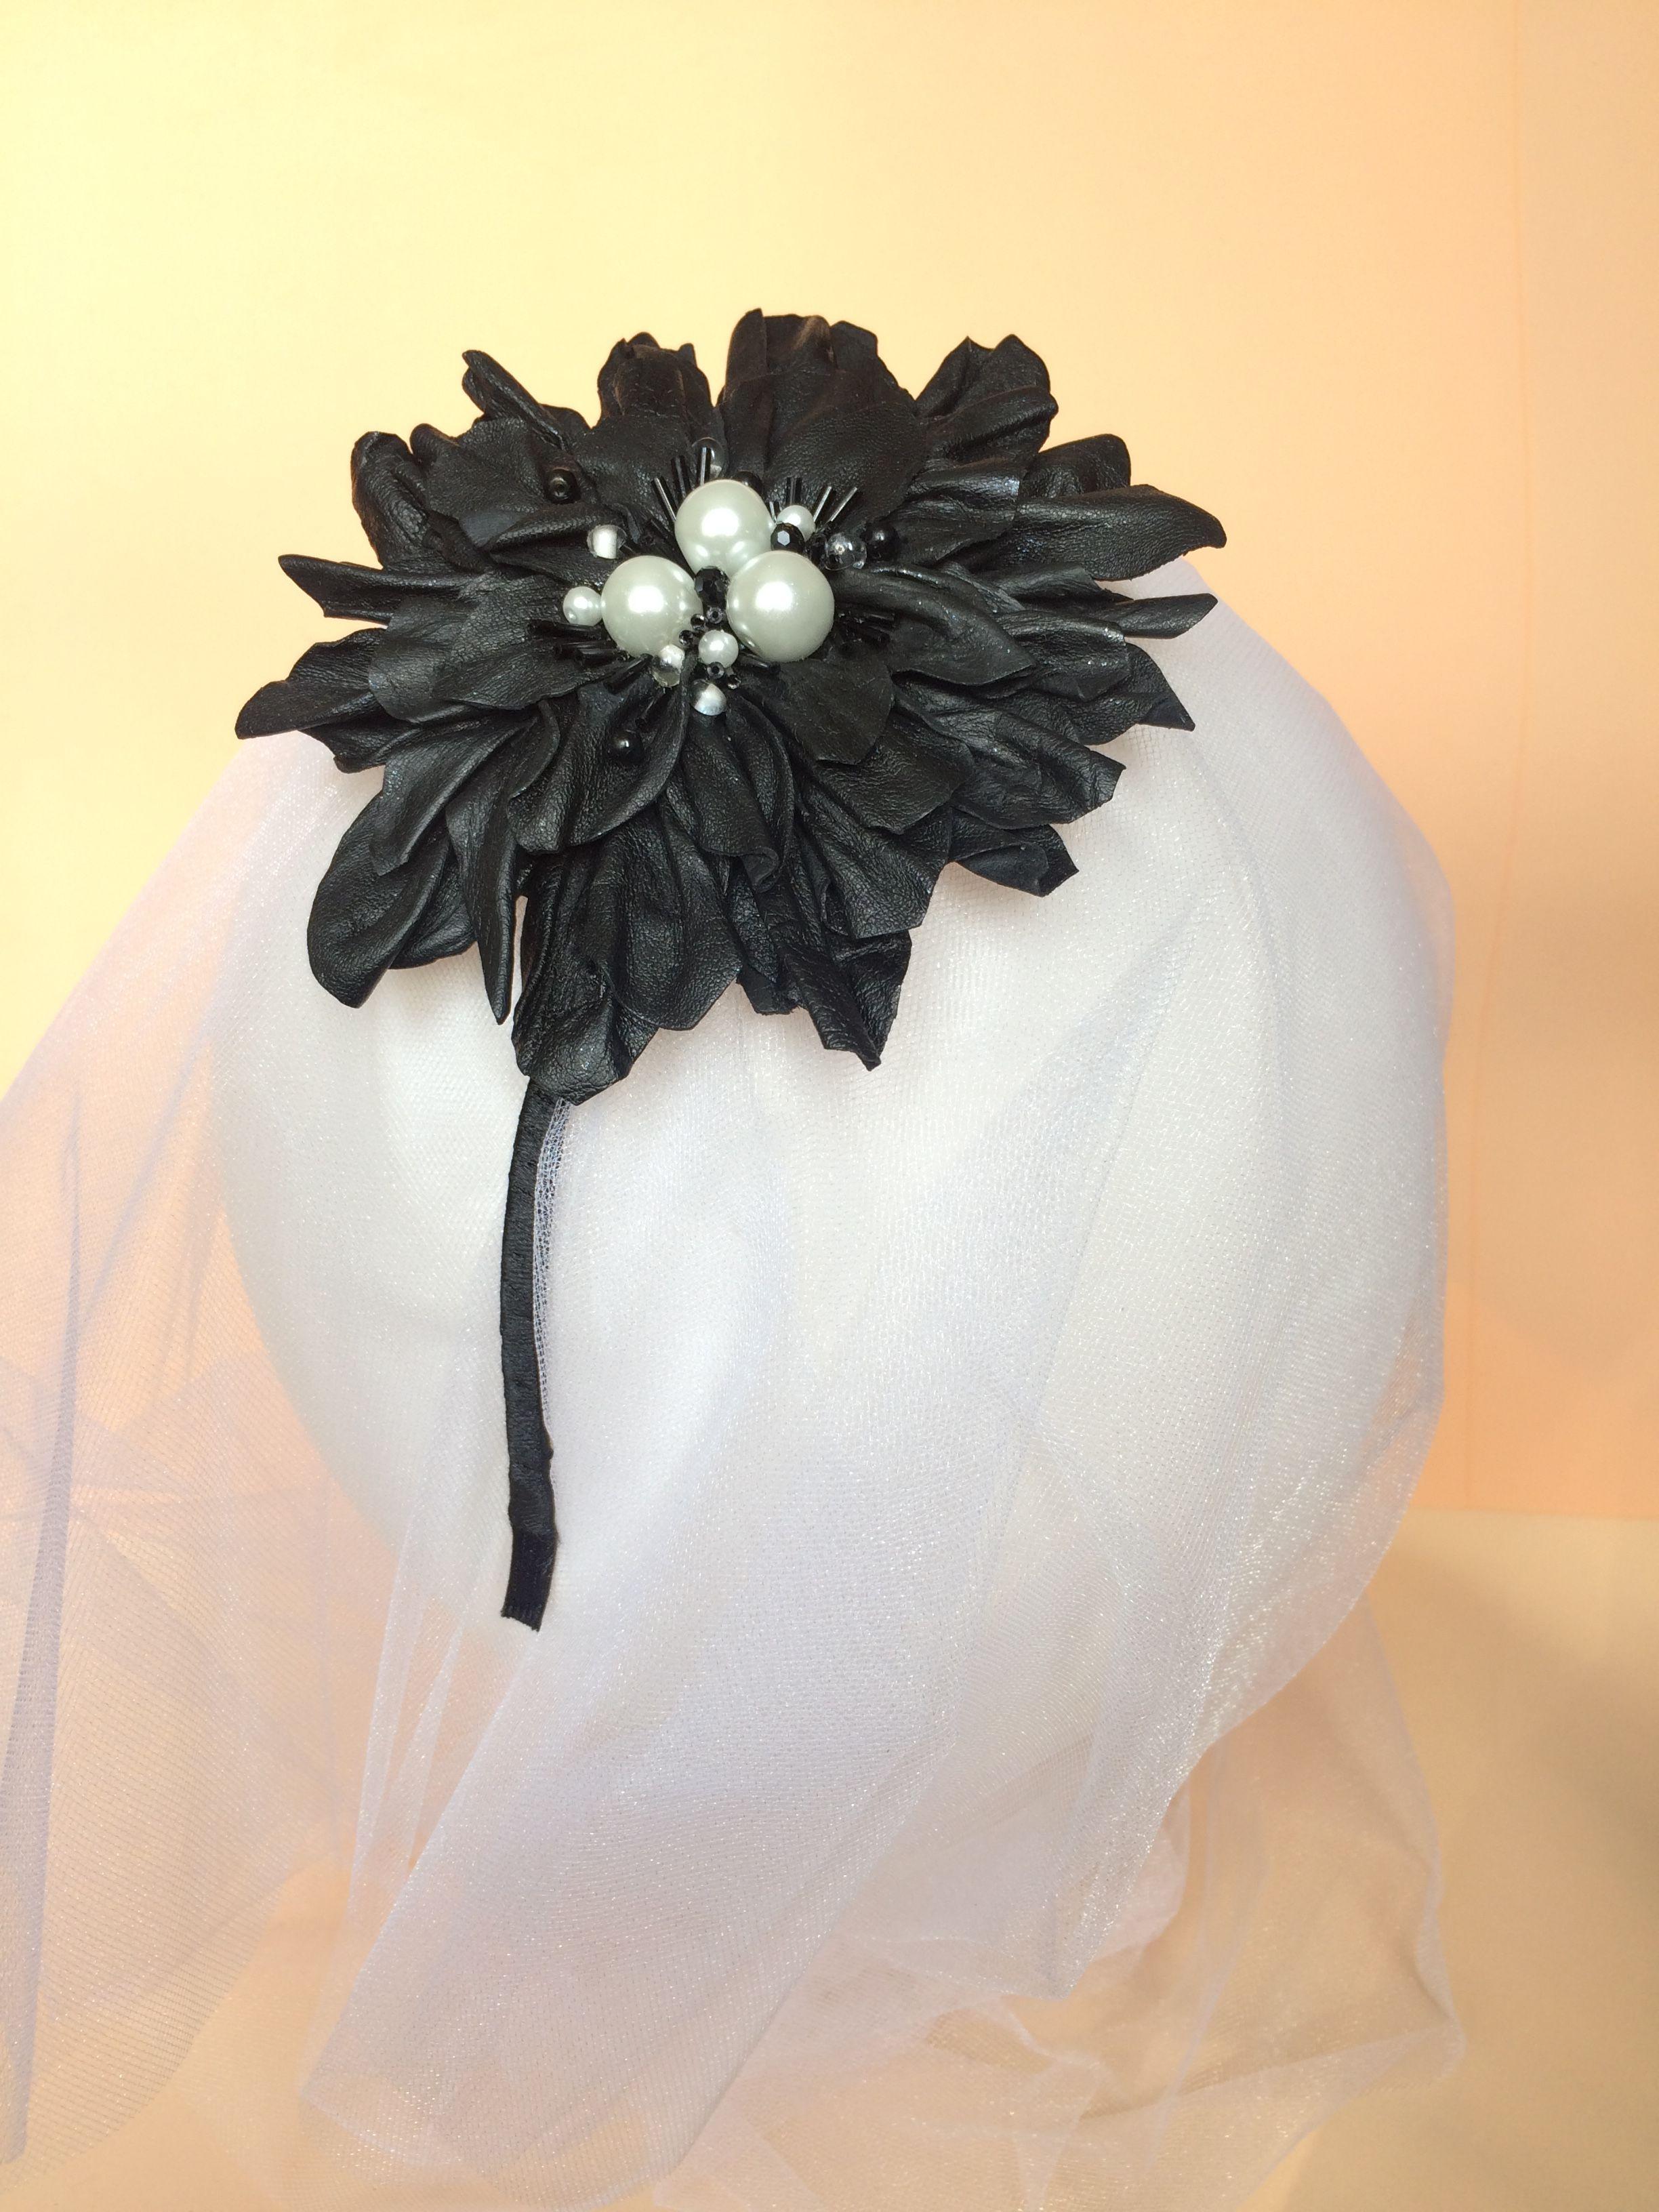 Black Flower Crown Black Flower Crown Pinterest Black Flower Crown